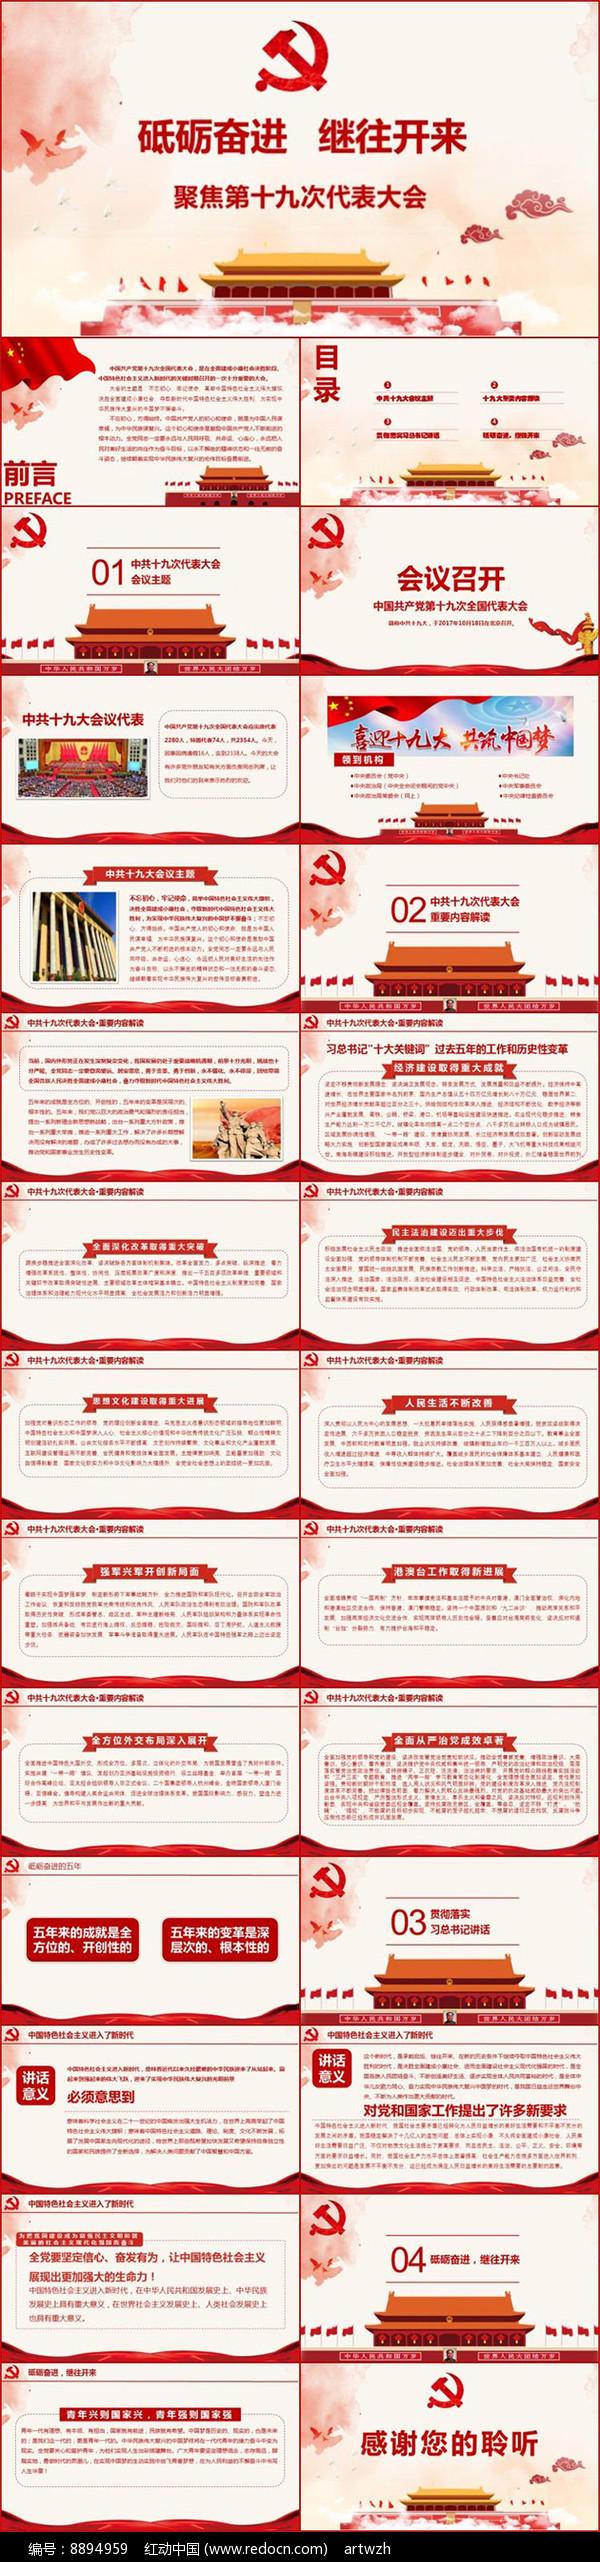 十九大会议学习报告PPT图片